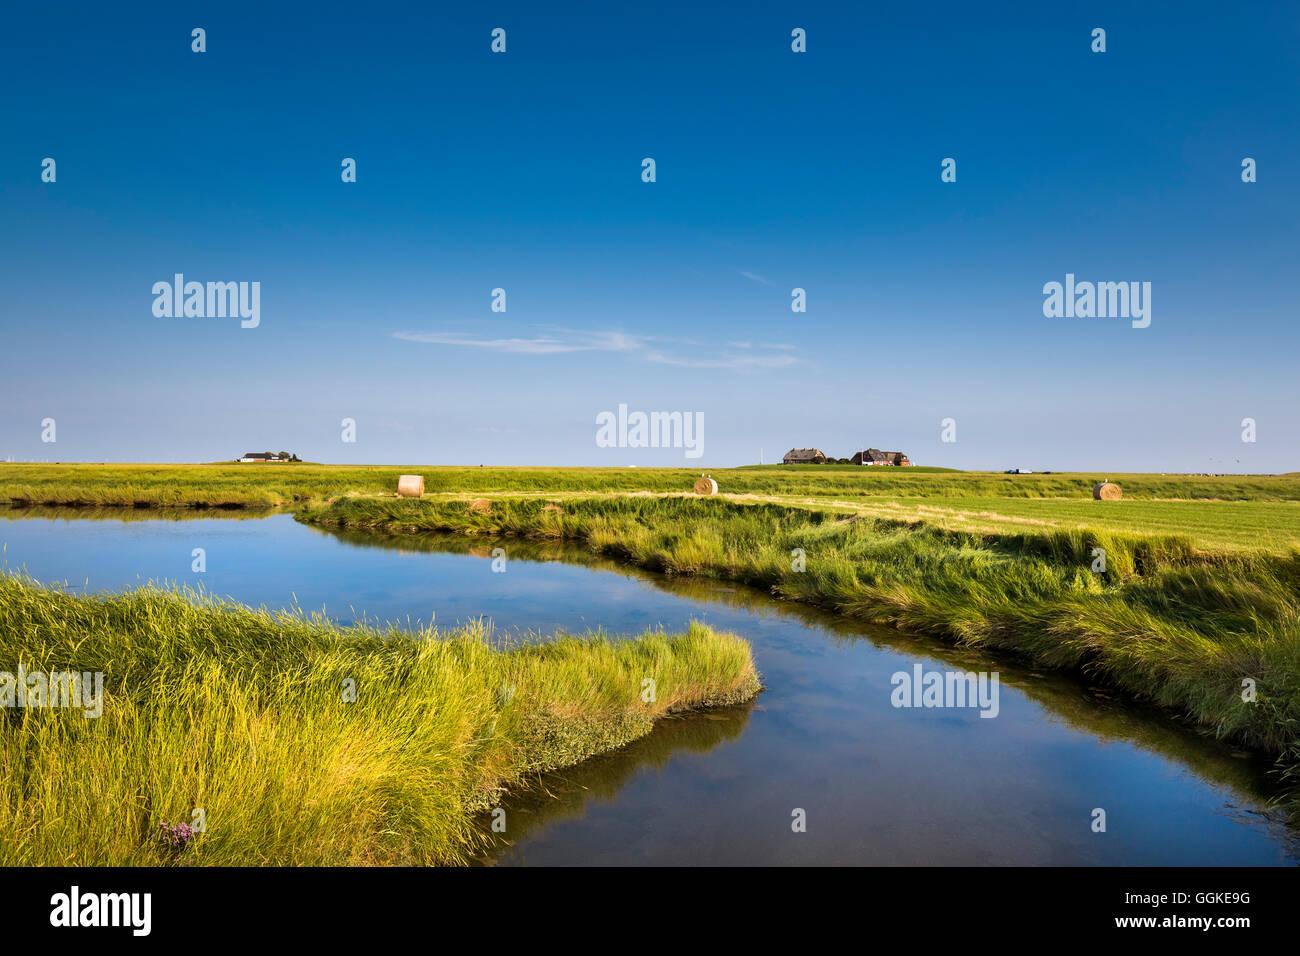 Salzwiesen und Wohnung Hügel, Hallig Langeness, Nordfriesischen Inseln, Schleswig-Holstein, Deutschland Stockfoto